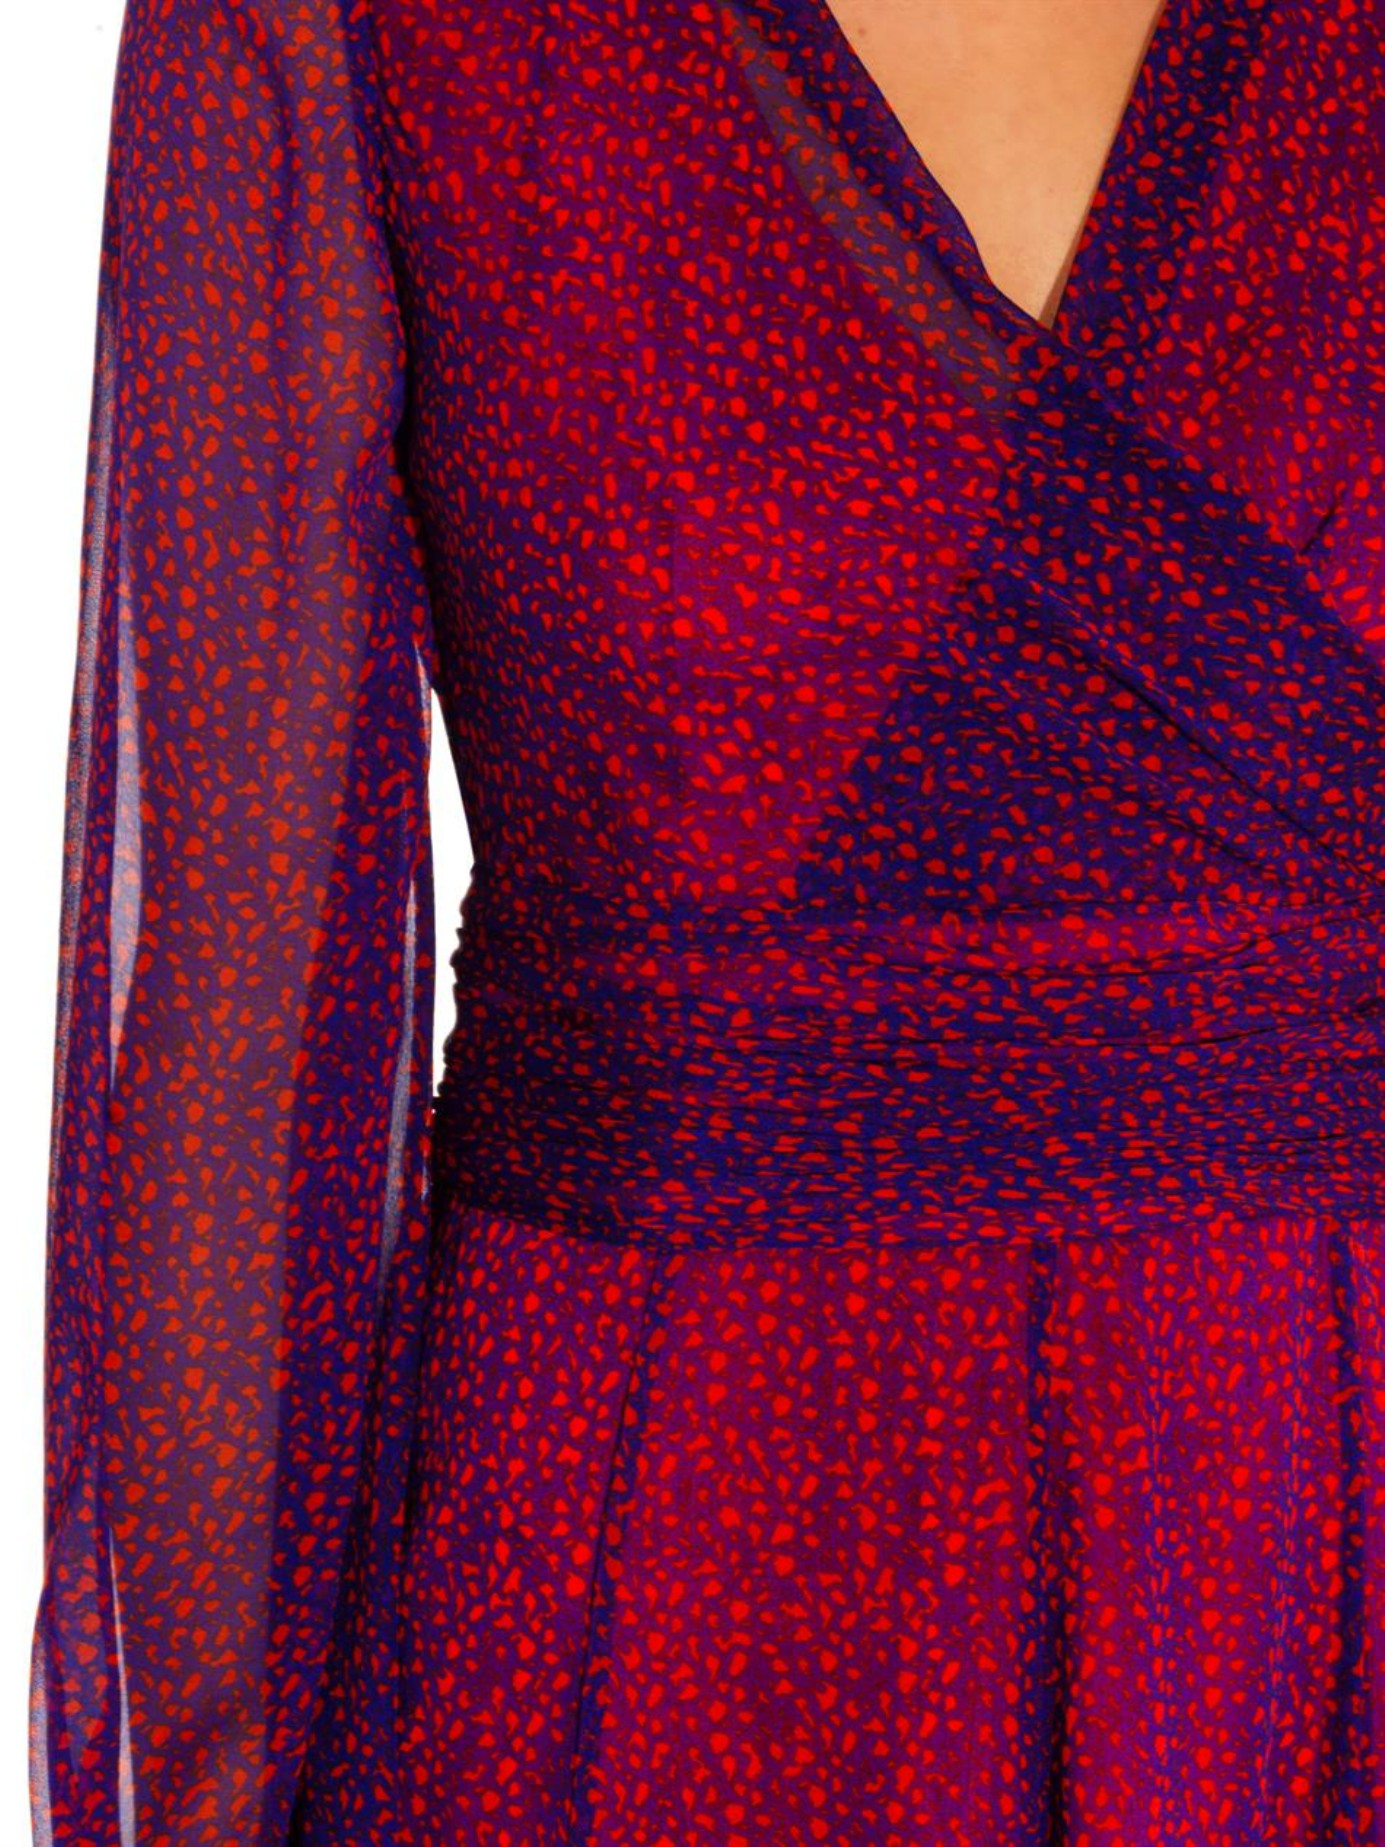 Diane von Furstenberg Ashlynn Dress in Red Print (Red)